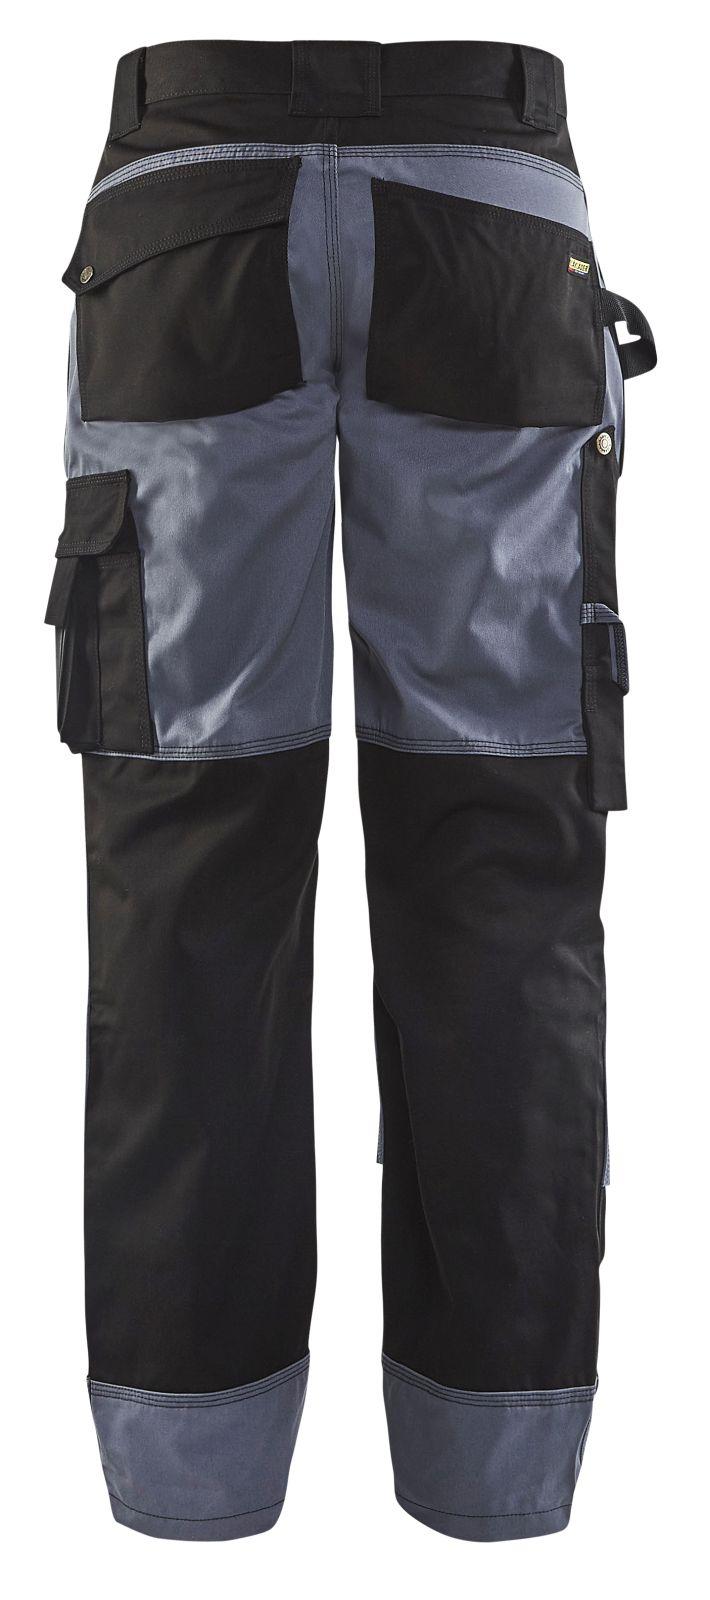 Blaklader Werkbroeken 15231860 zwart-grijs(9994)